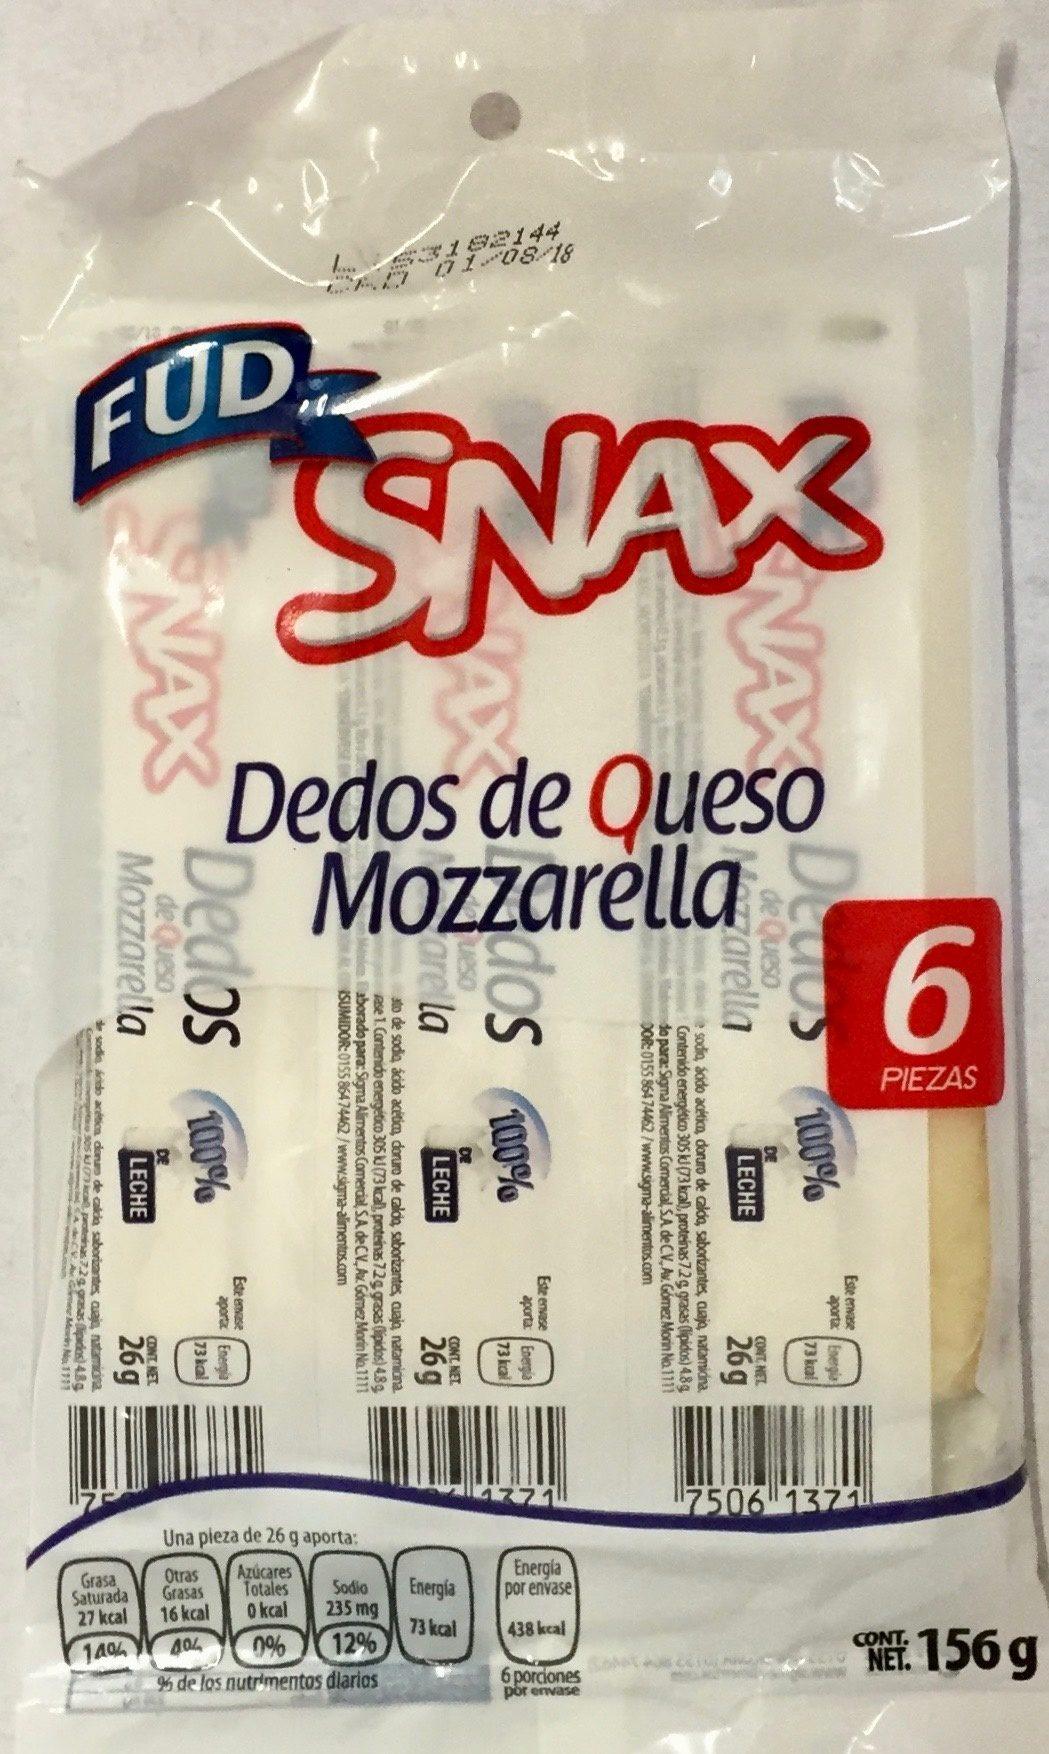 Snax - Dedos de queso mozzarella - Produit - es